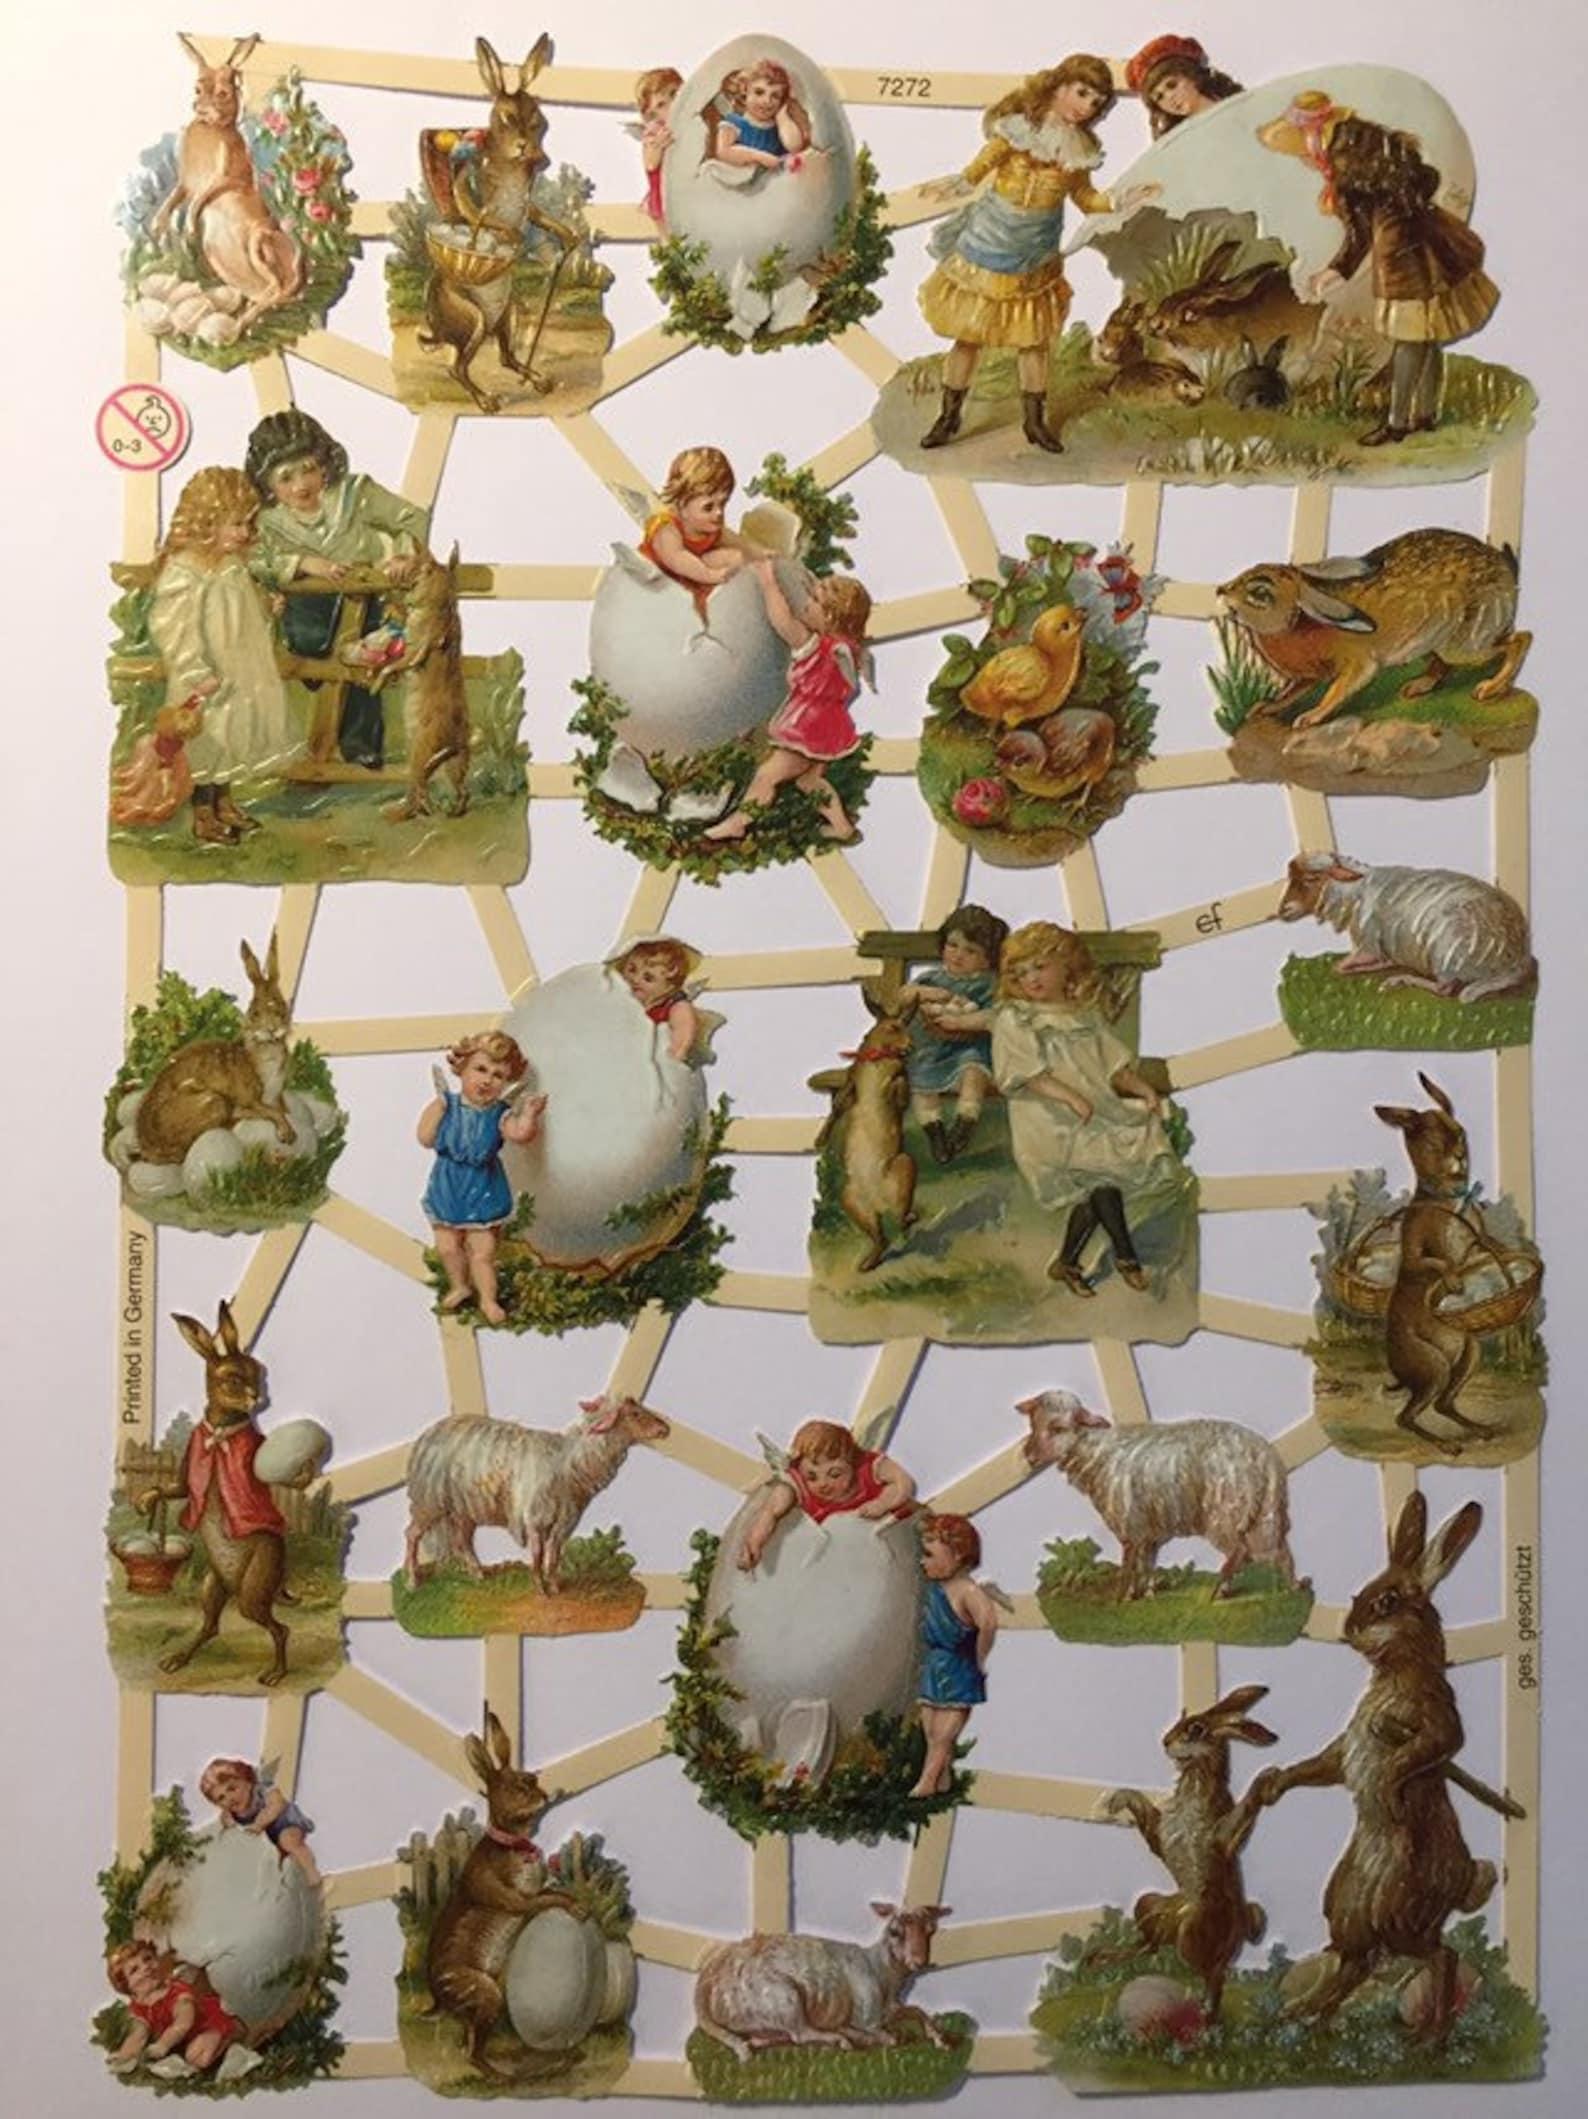 Vintage Easter Children Glanzbilder (1 sheet) #7272 Embossed Die Cuts - Ernst Freihoff GmbH Made in Germany